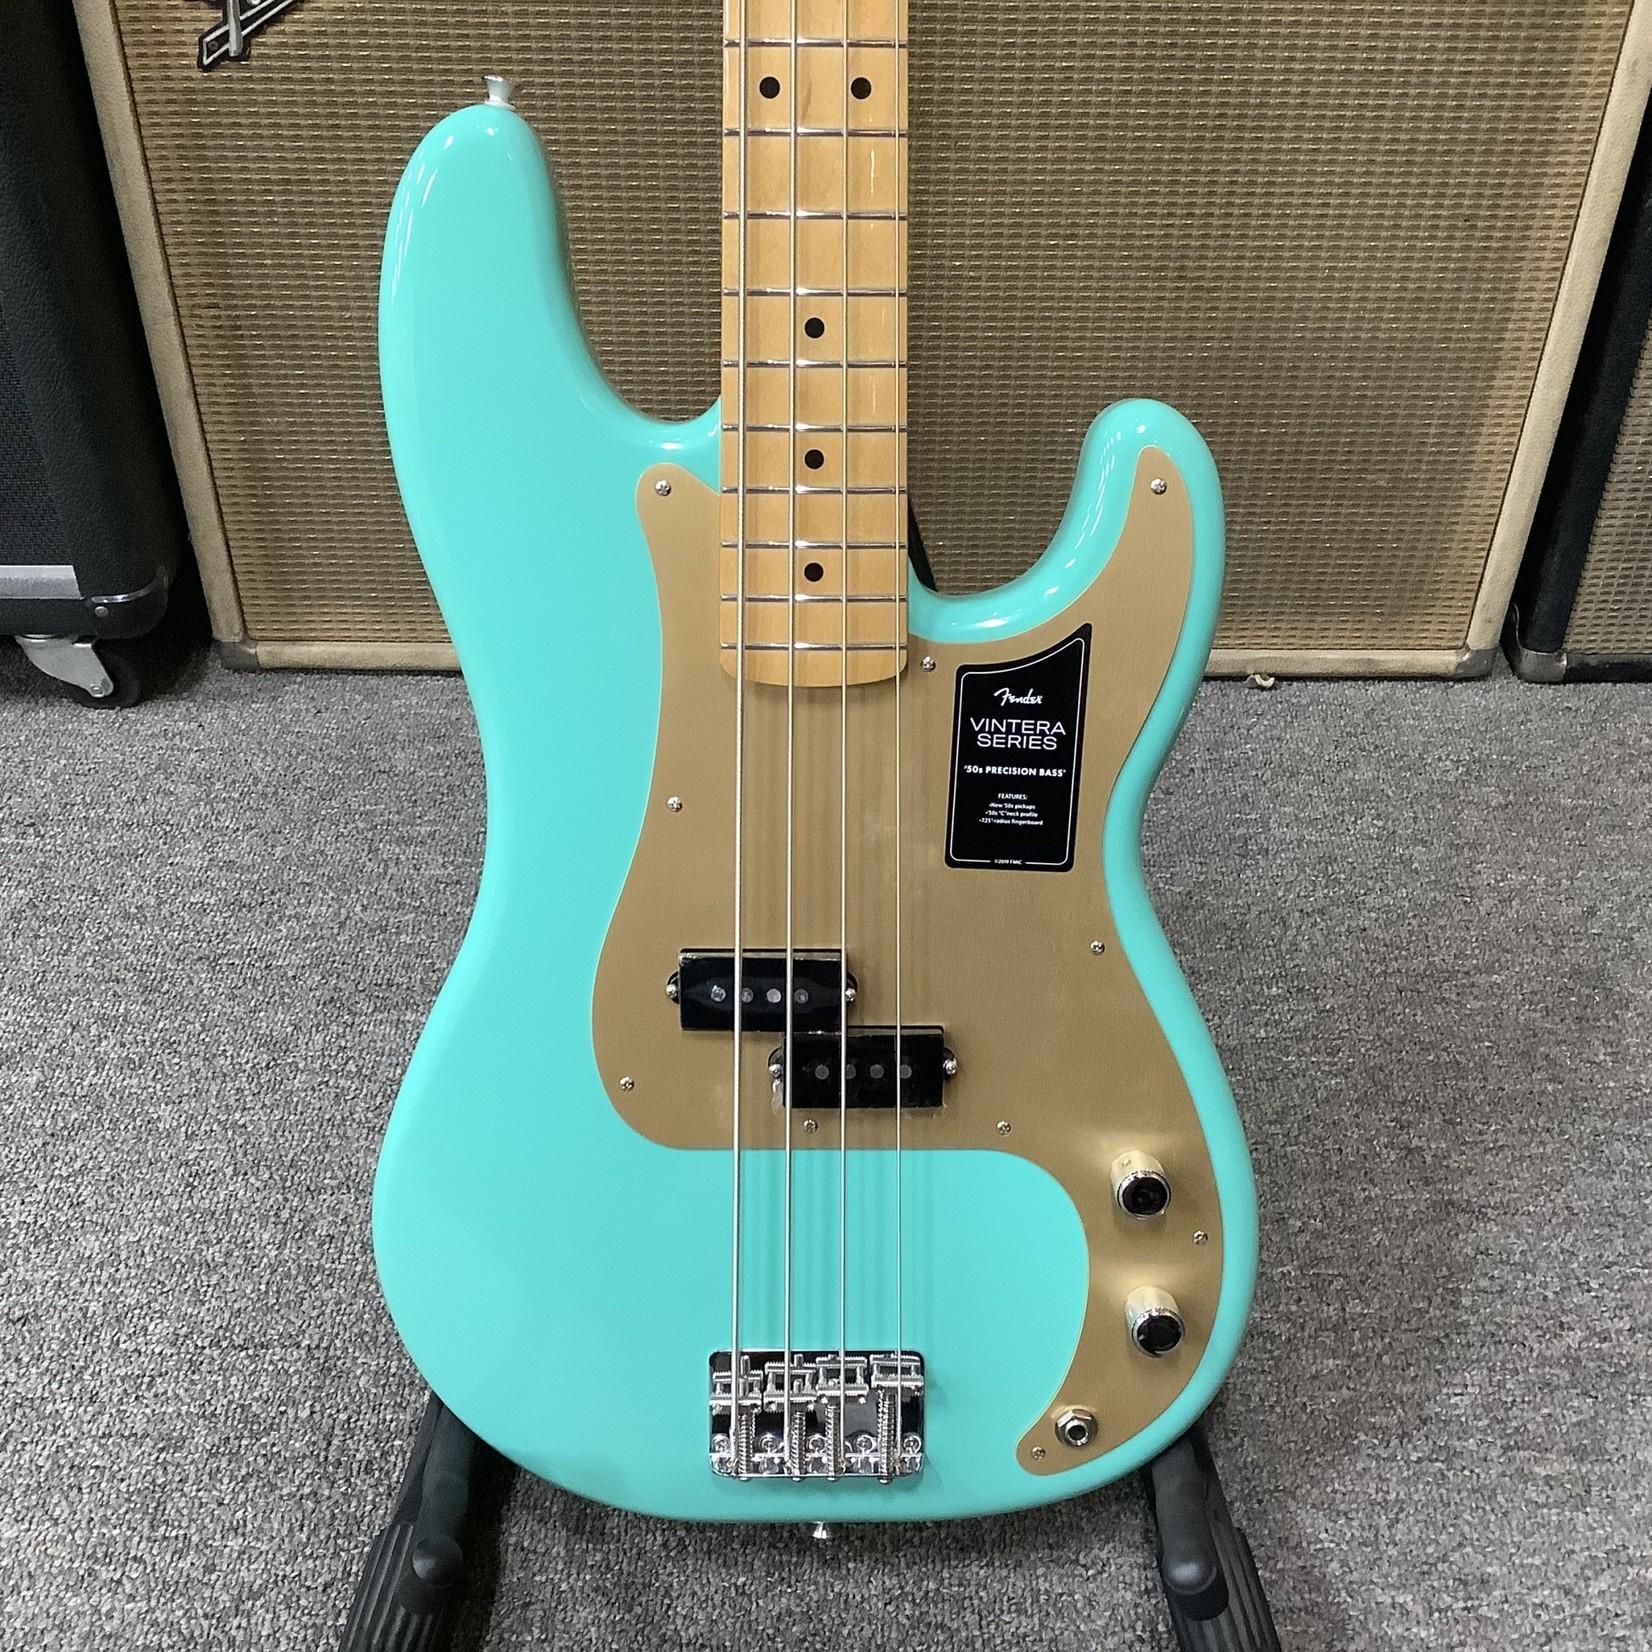 Fender Fender Vintera Precision Bass Sea Foam Green Anodized Guard, Maple Neck